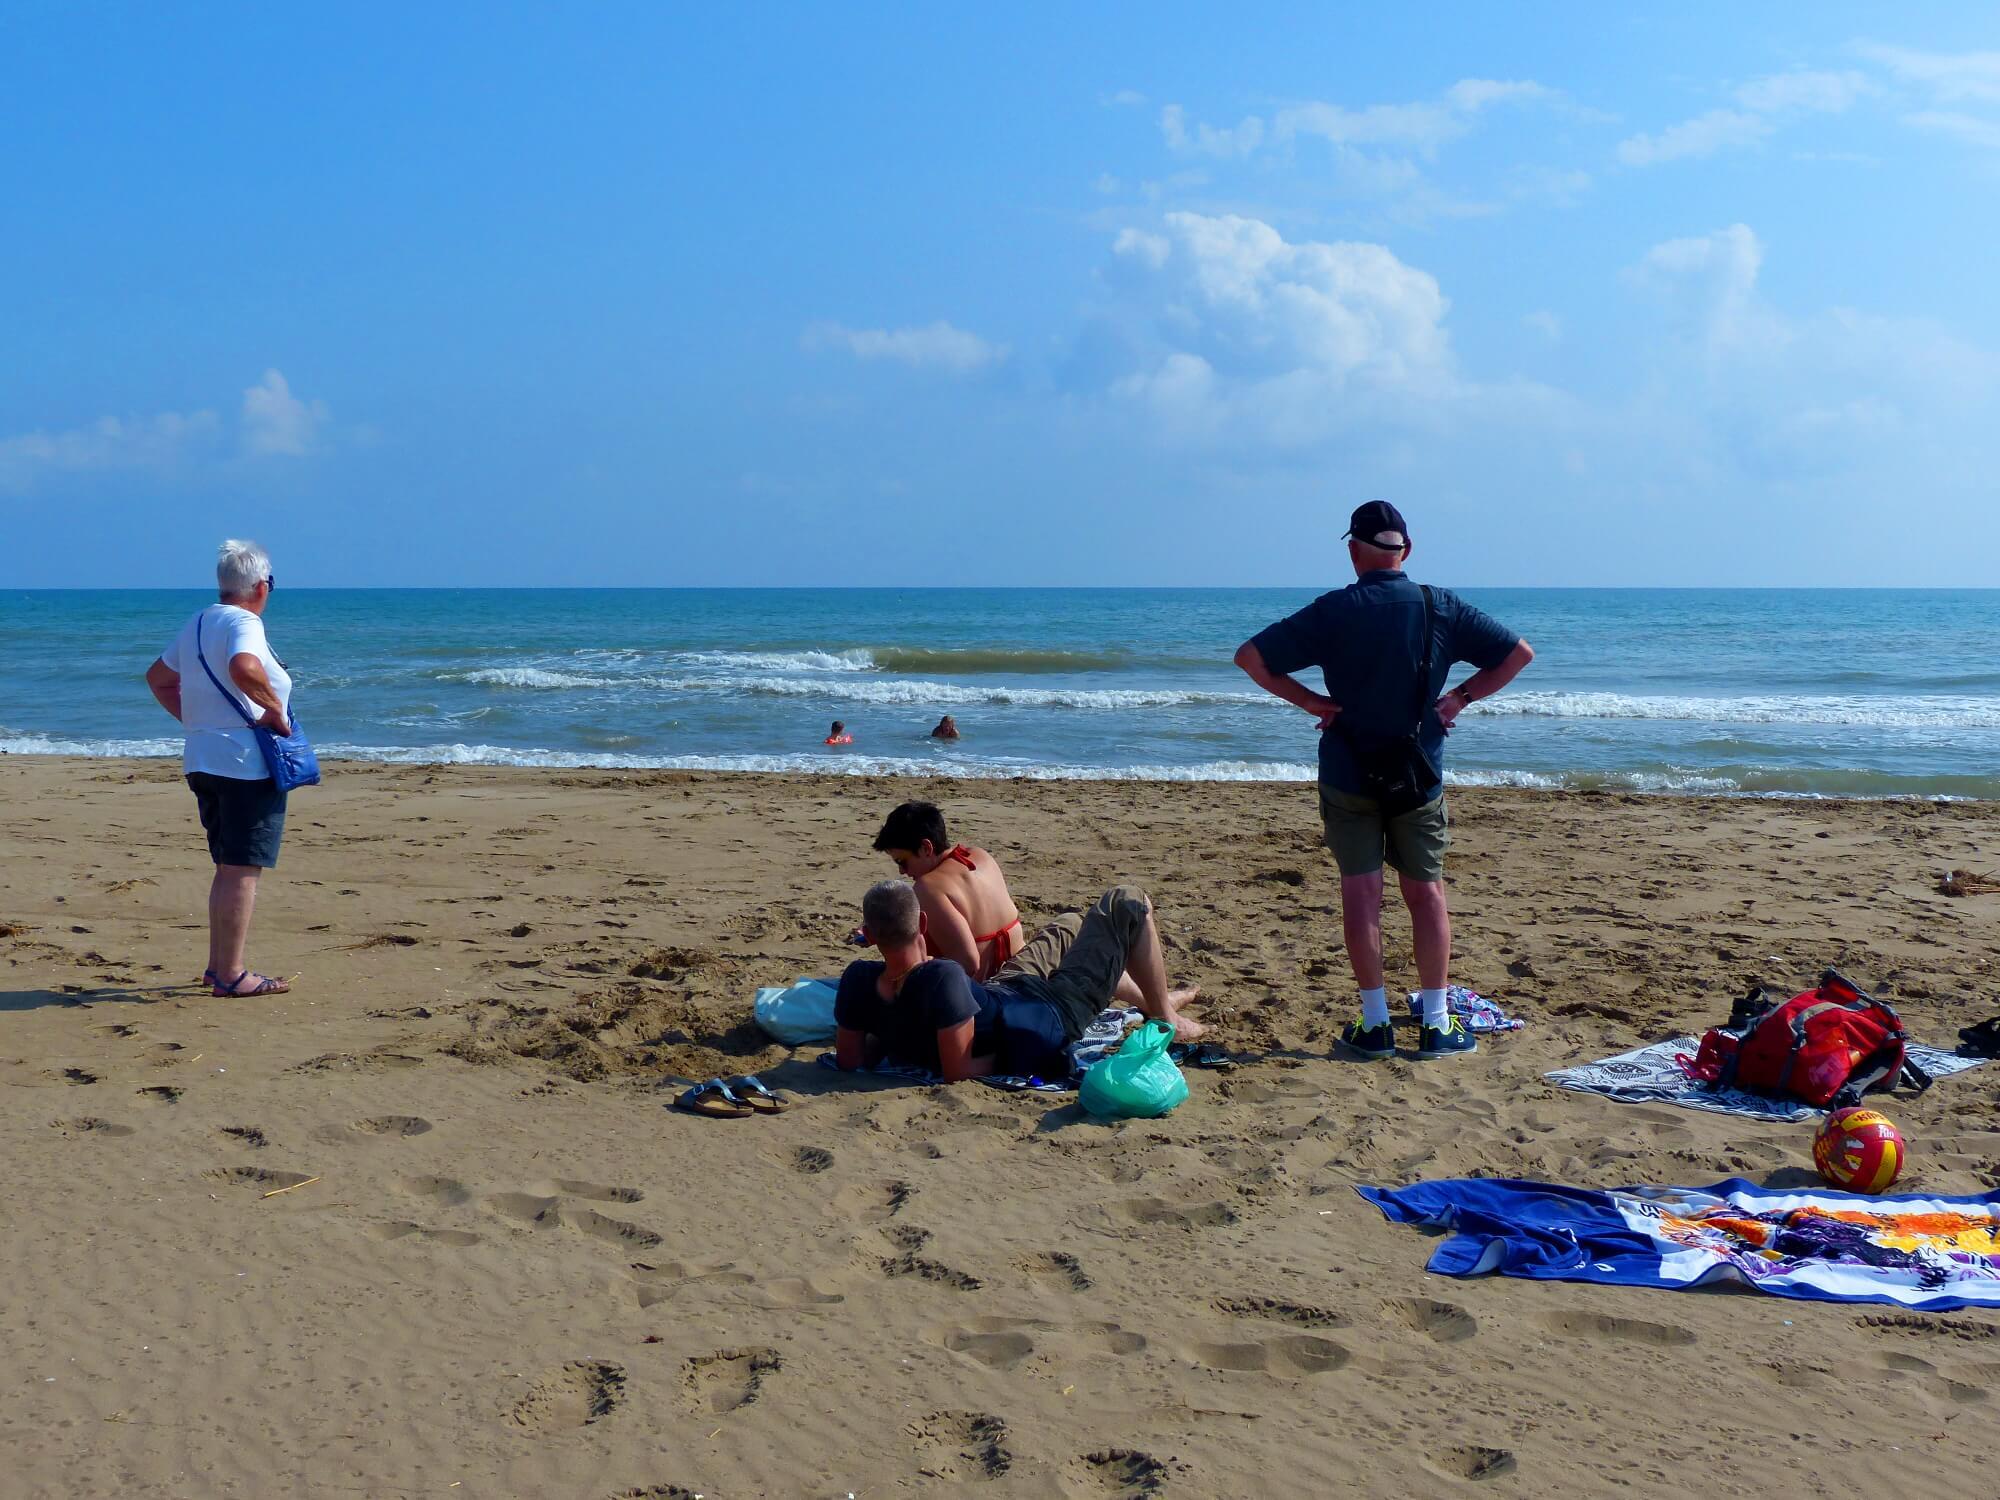 Badespass am Strand mit der ganzen Familie